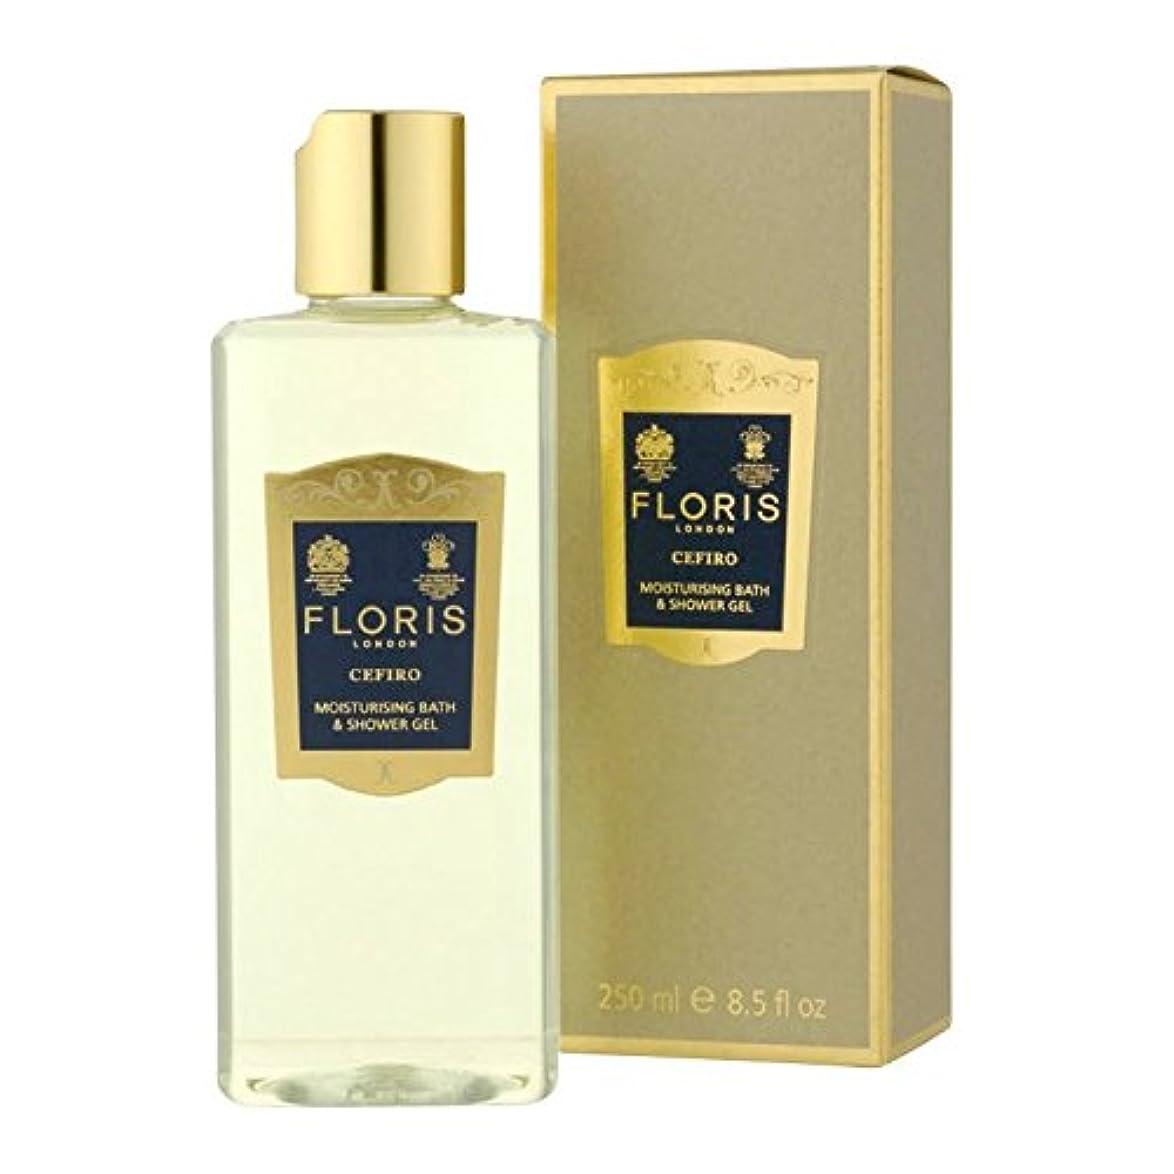 たくさんの変更可能チューブ[Floris ] フロリスセフィーロの保湿入浴やシャワージェル250ミリリットル - Floris Cefiro Moisturising Bath and Shower Gel 250ml [並行輸入品]